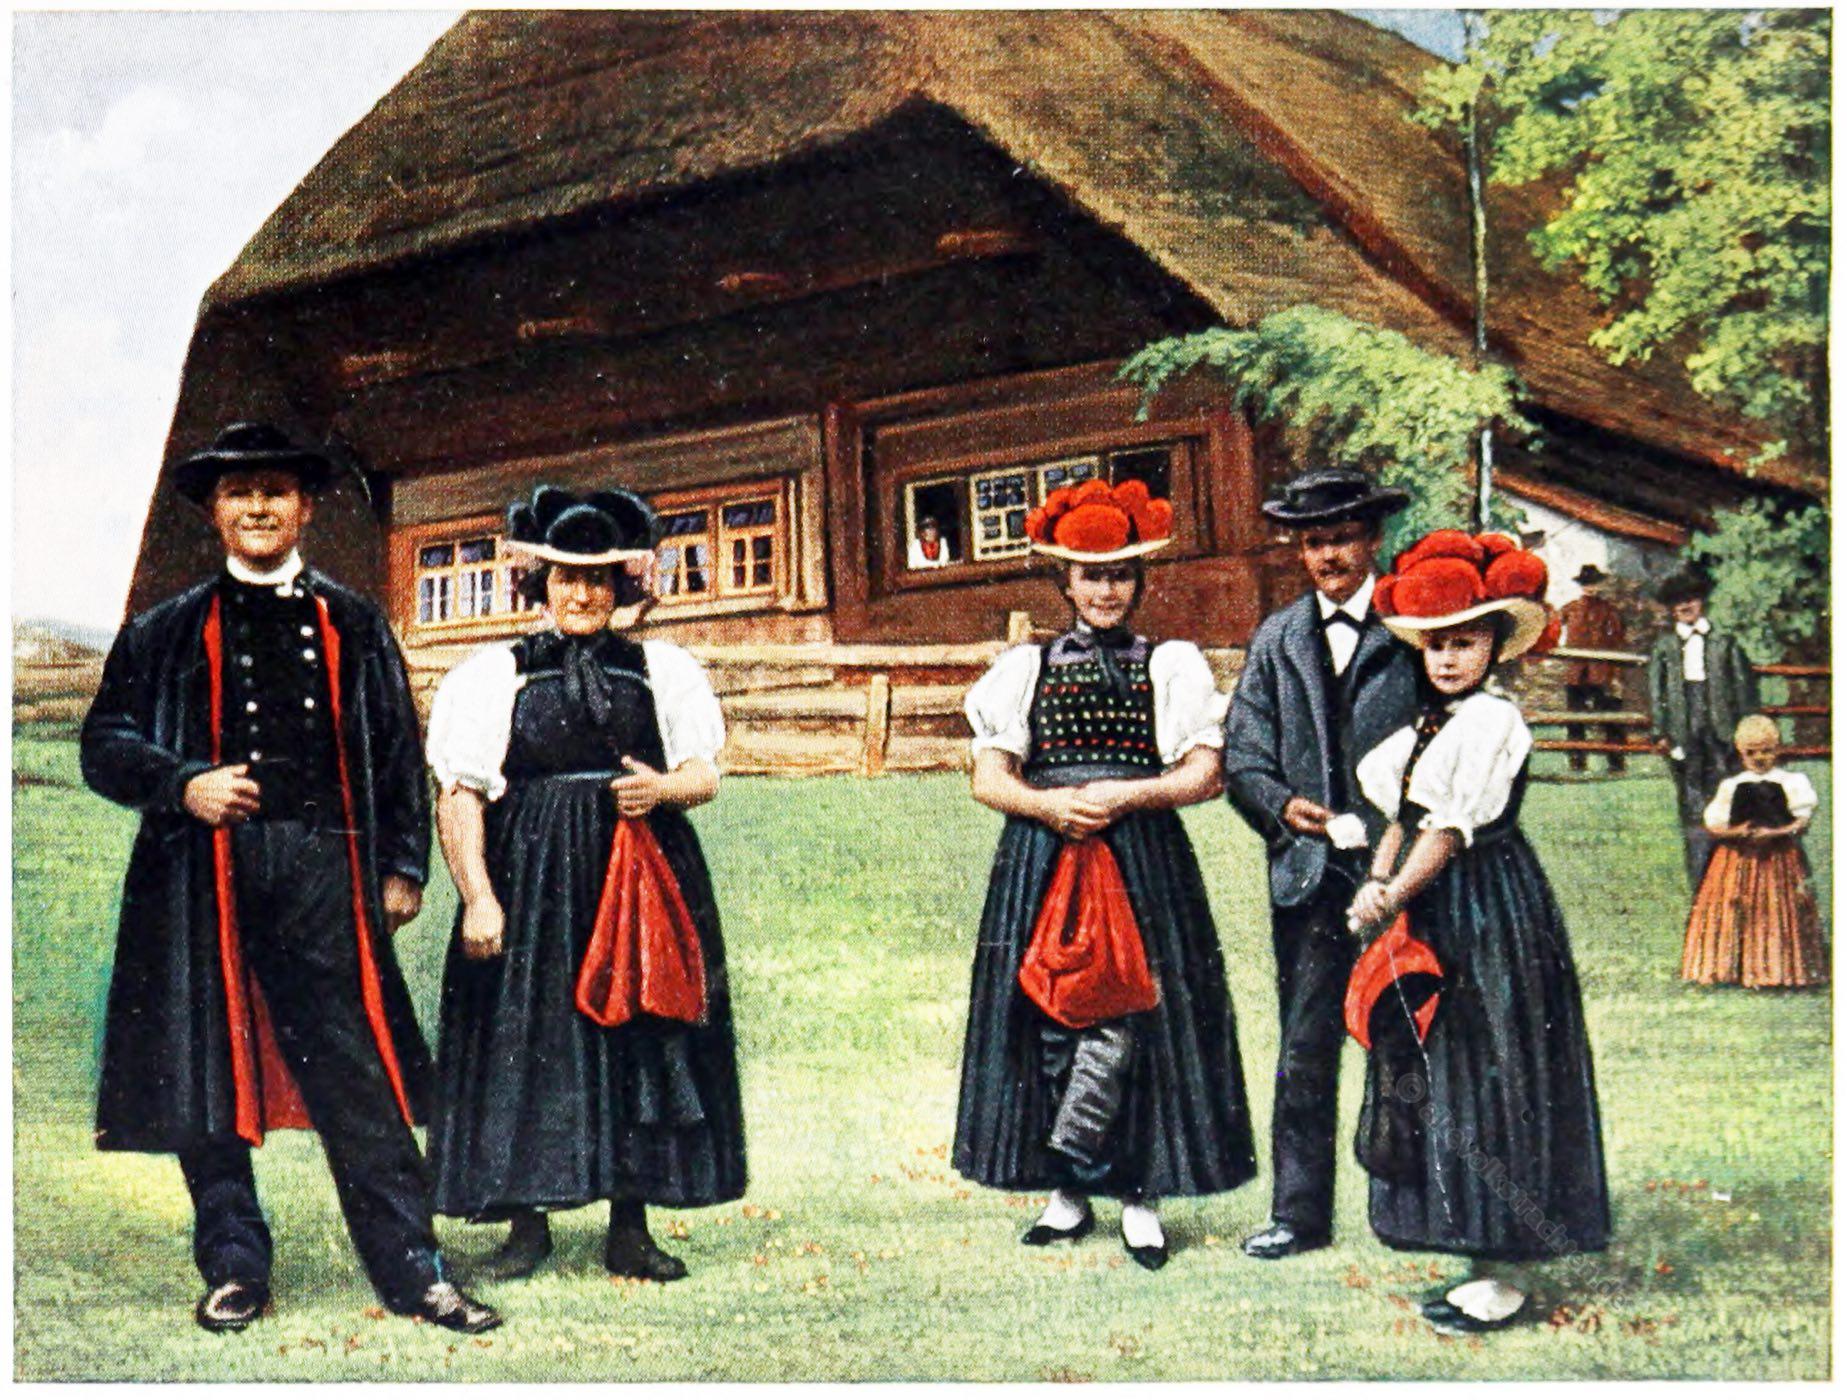 Trachten, Schwarzwald, Gutach, Kirnbach, Engelbach, Rose Julien, Kostümkunde, Modegeschichte